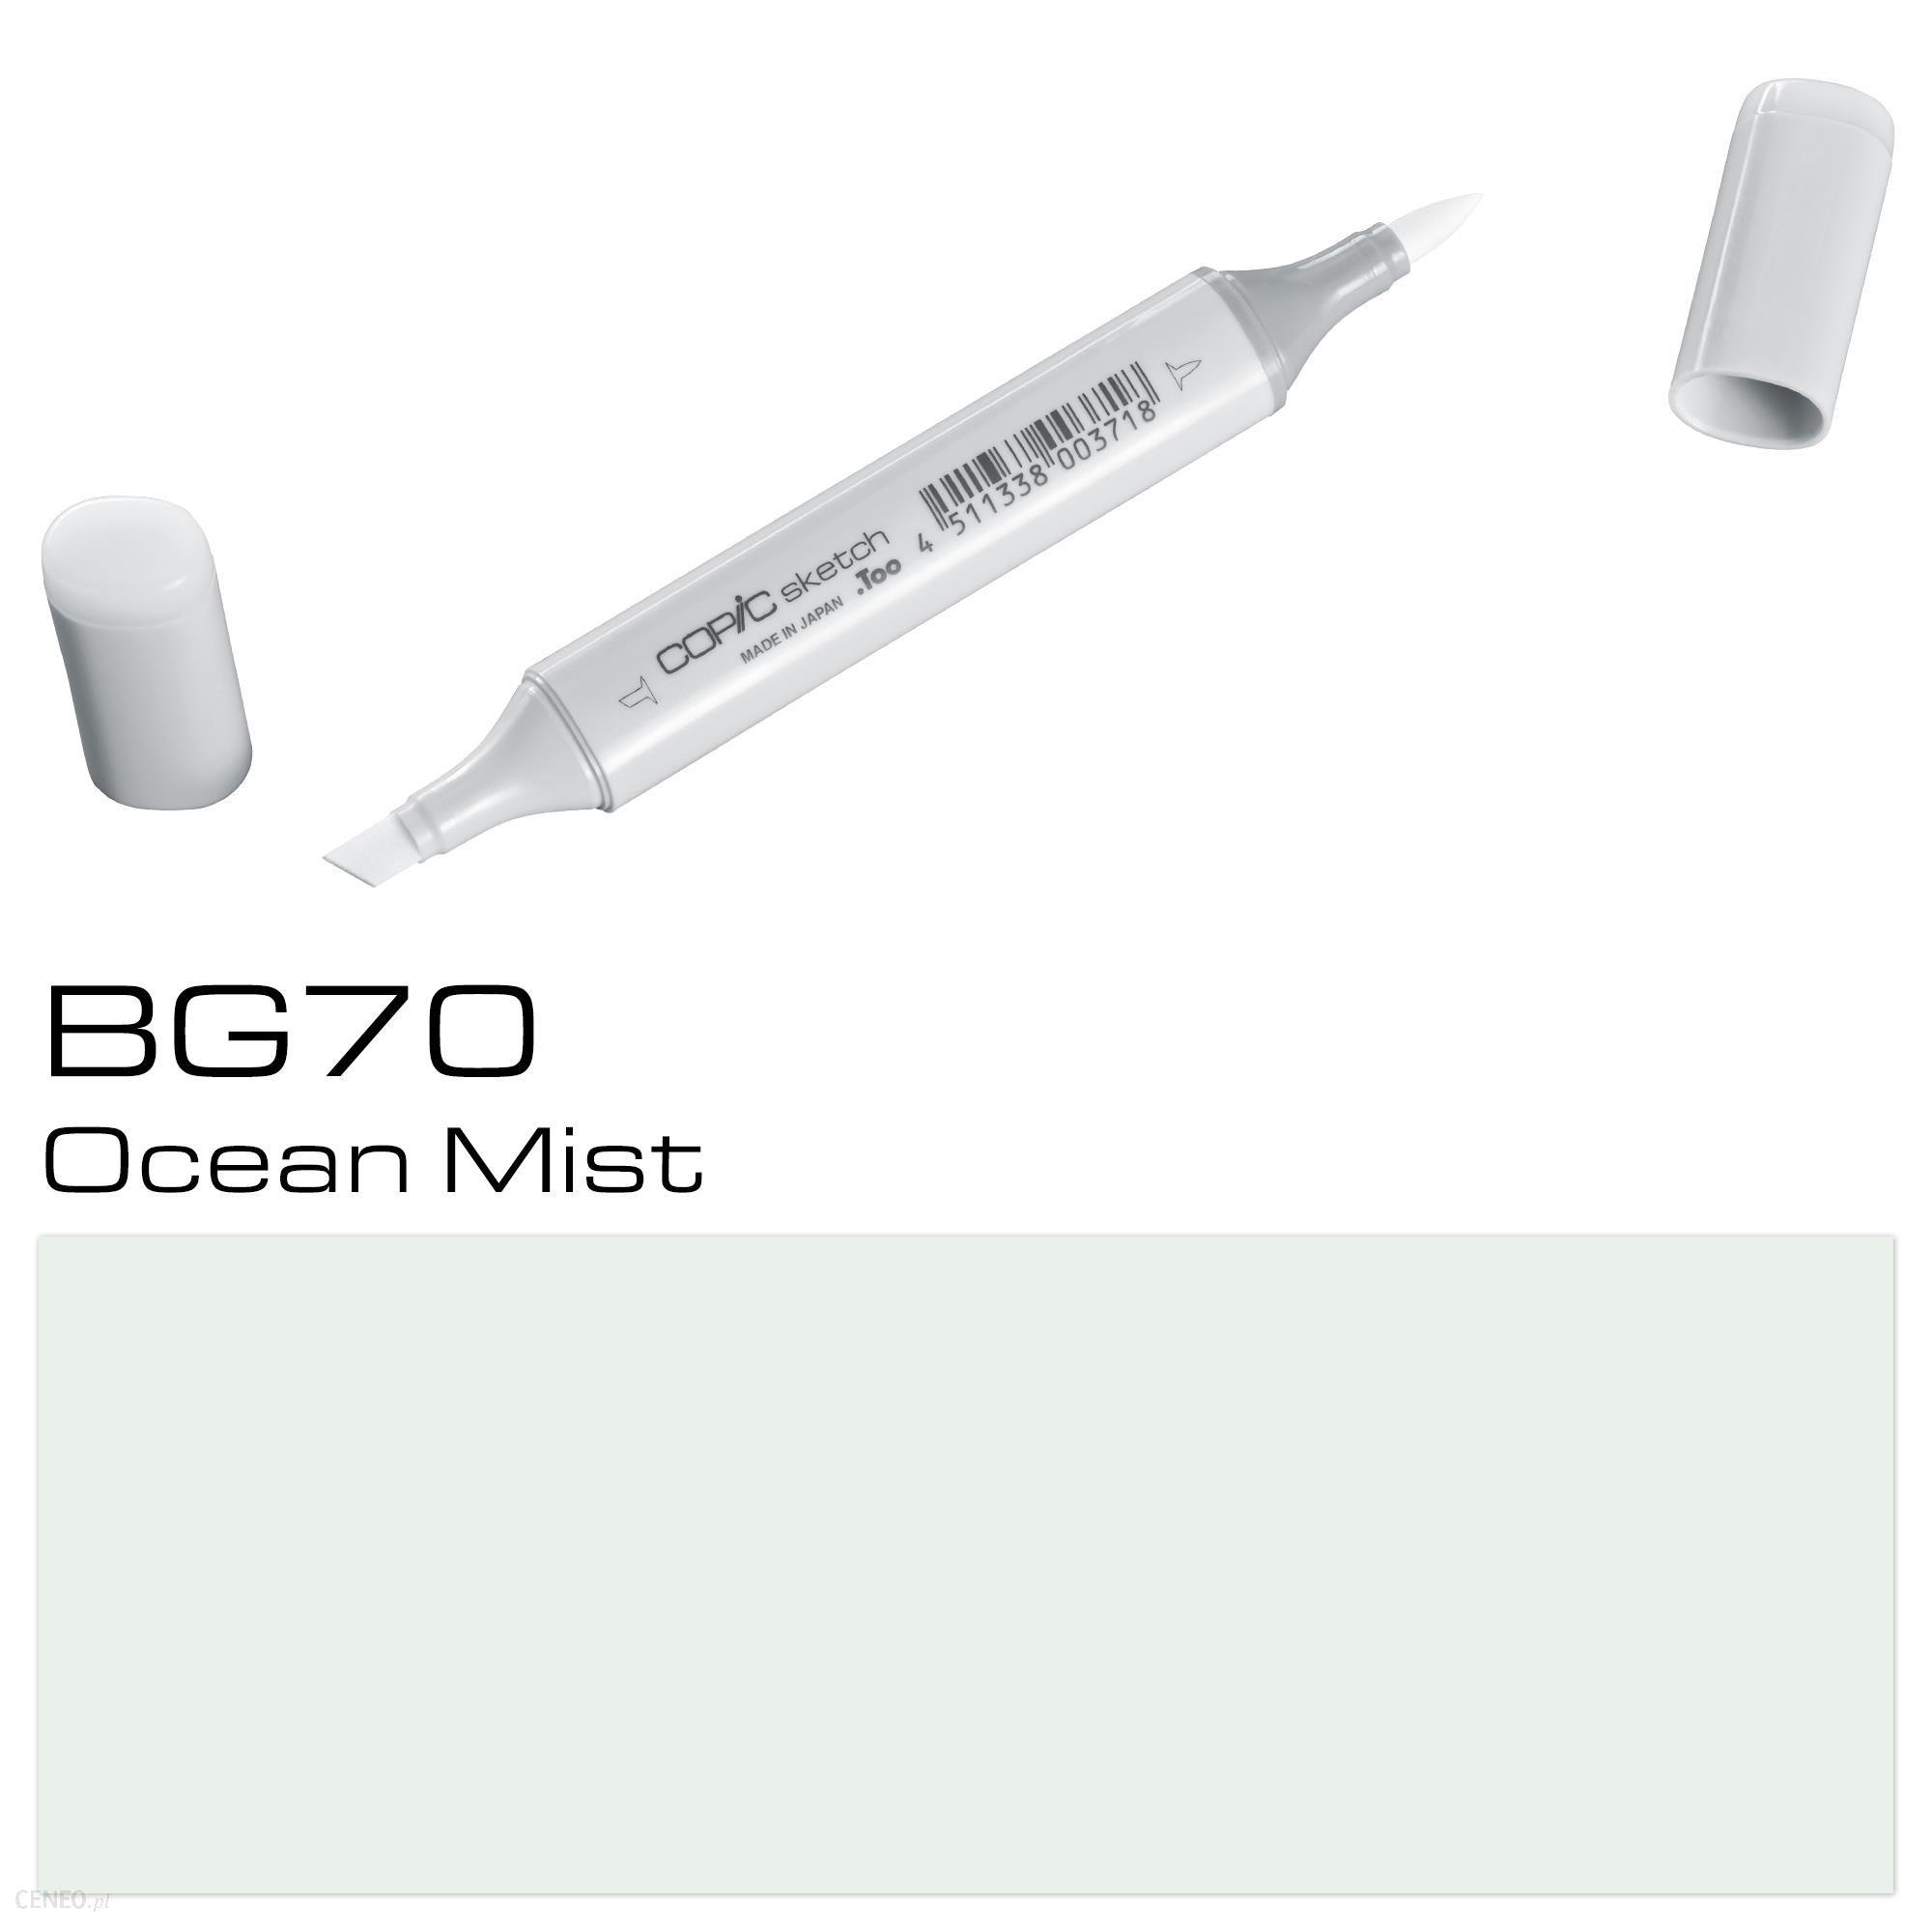 COPIC Sketch - BG70 - Ocean Mist